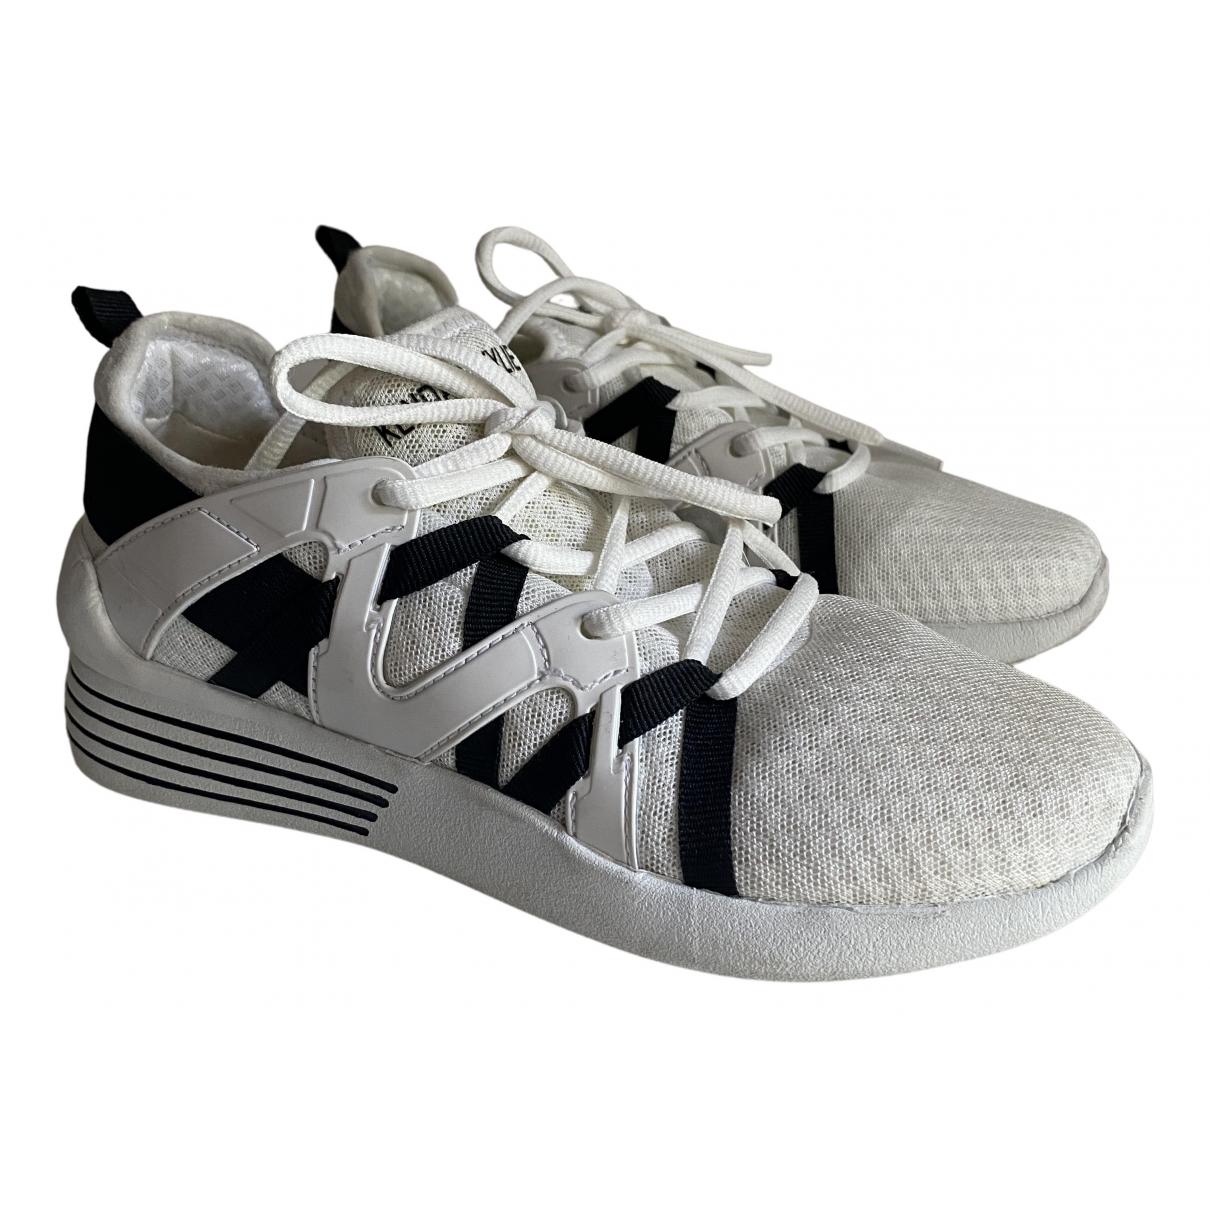 Kendall + Kylie - Baskets   pour femme en toile - blanc